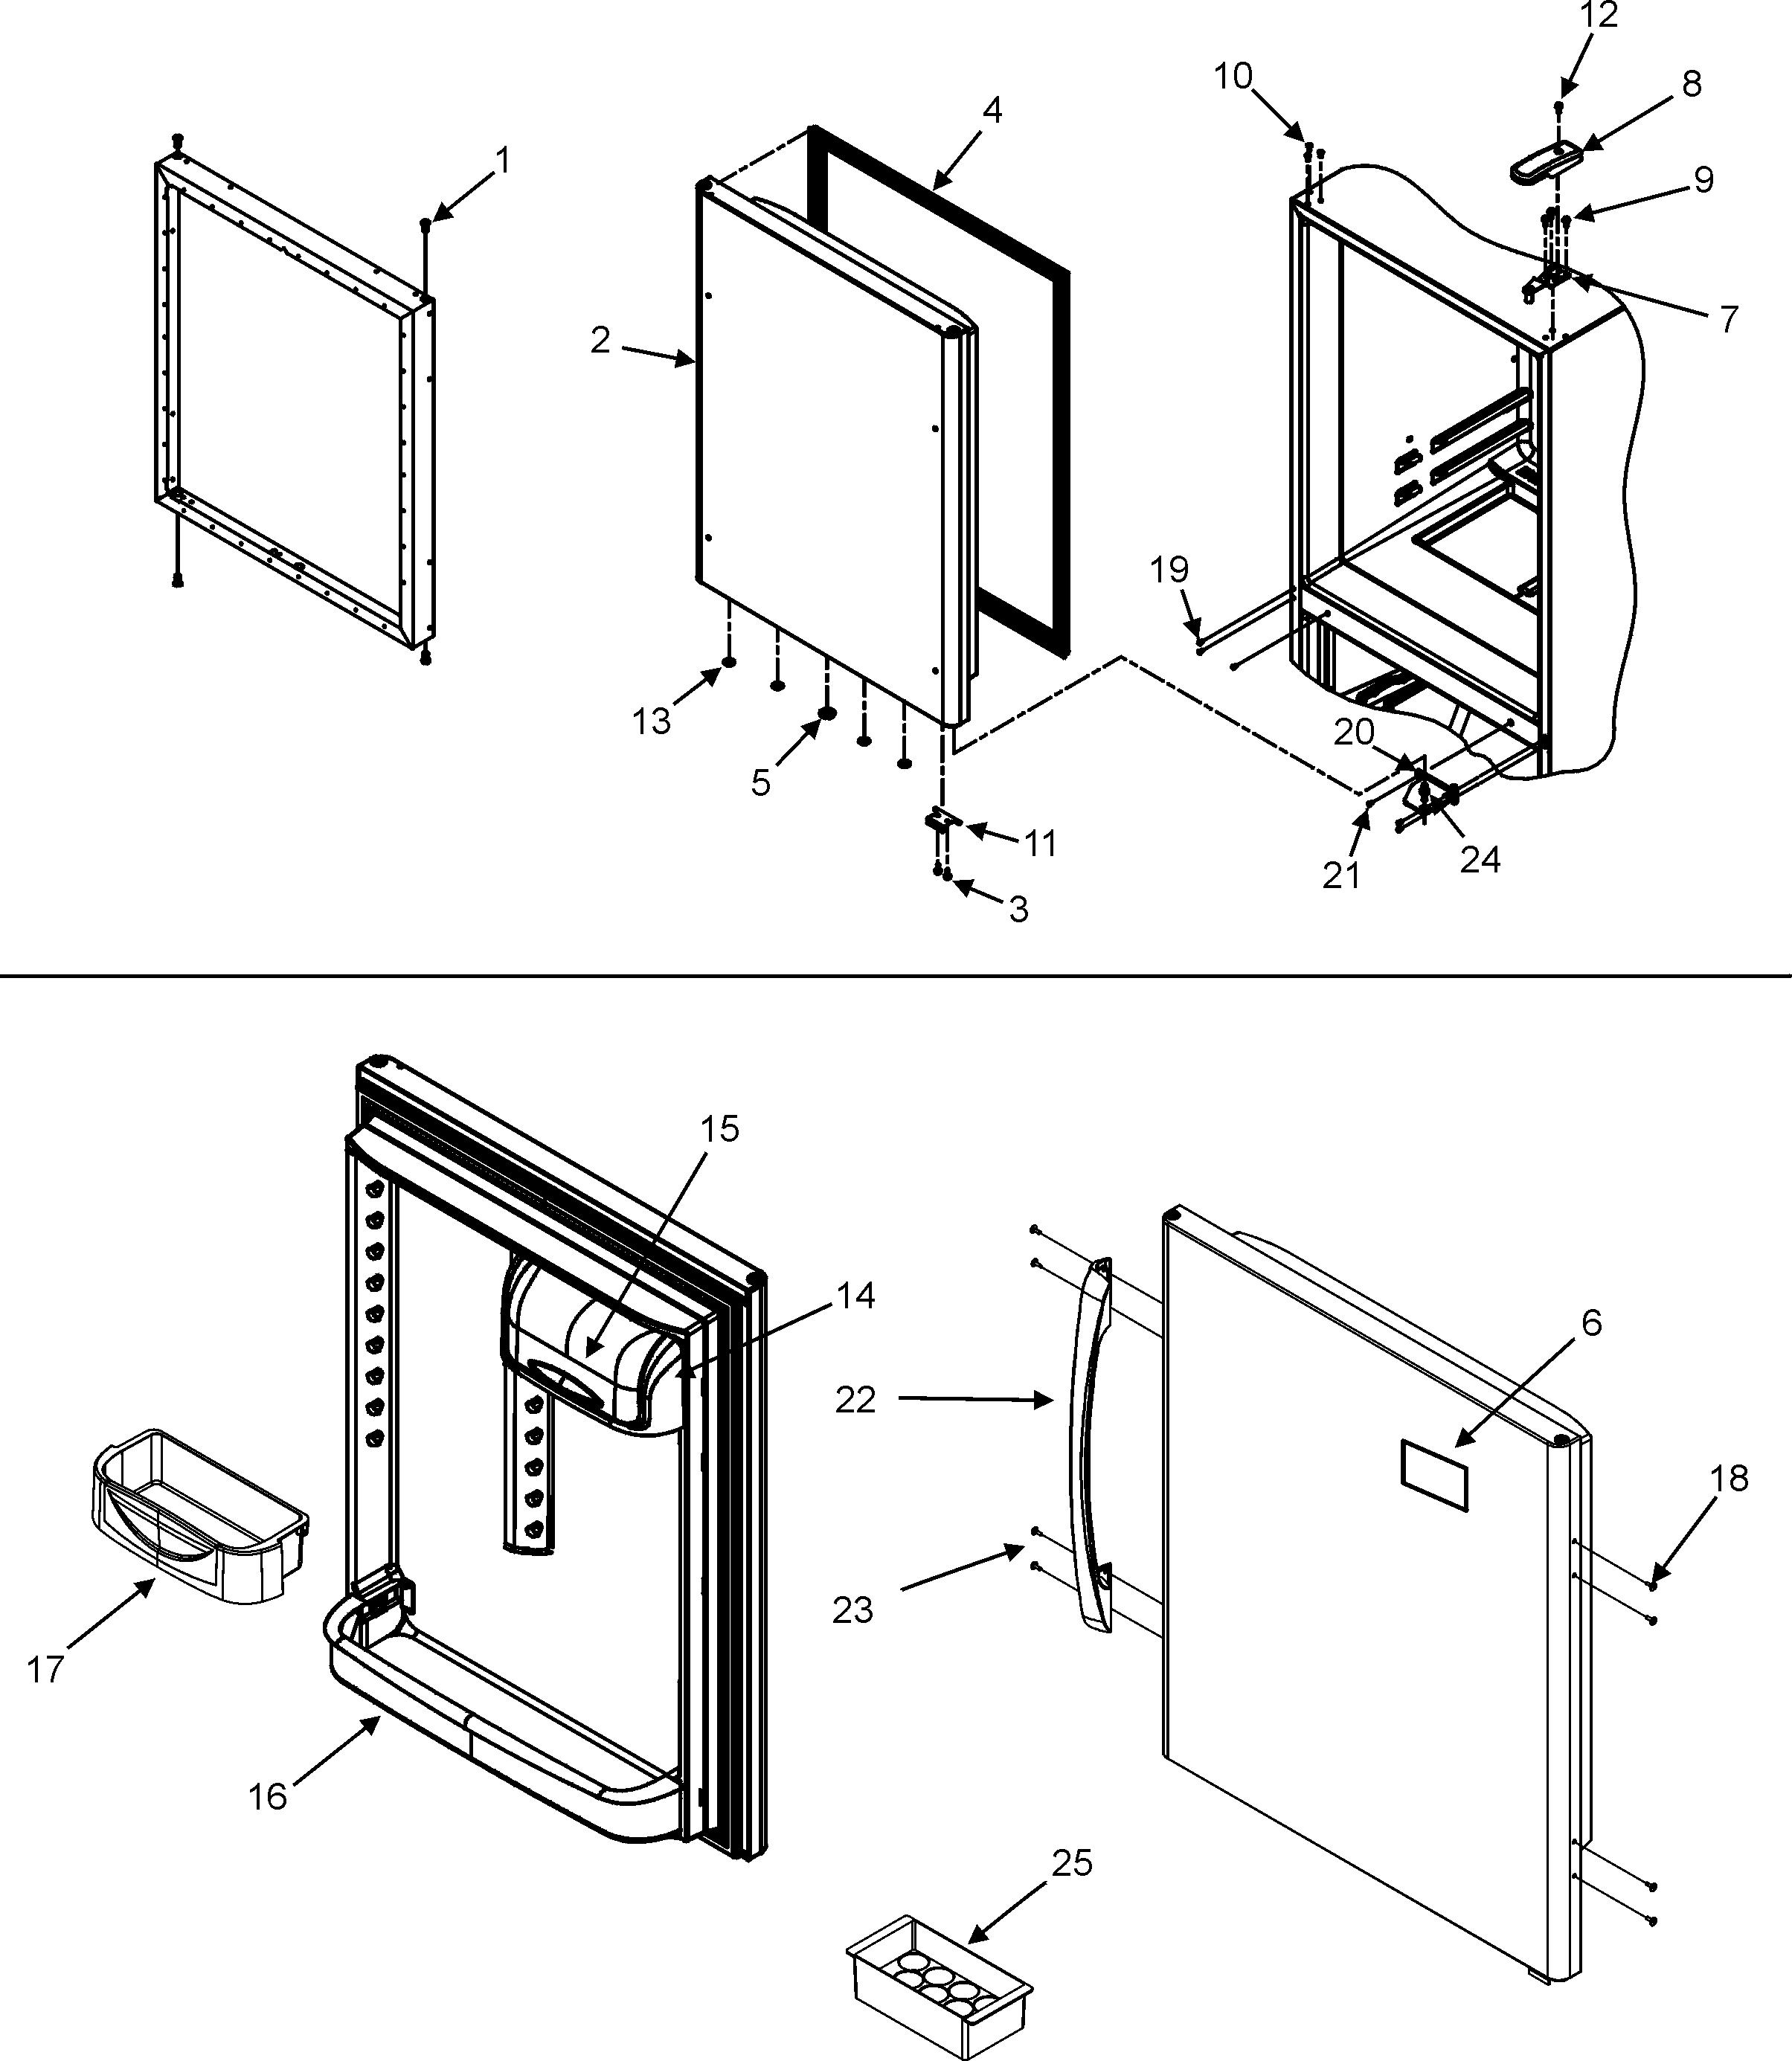 Maytag  Maytag Refrigeration  Refrigerator door